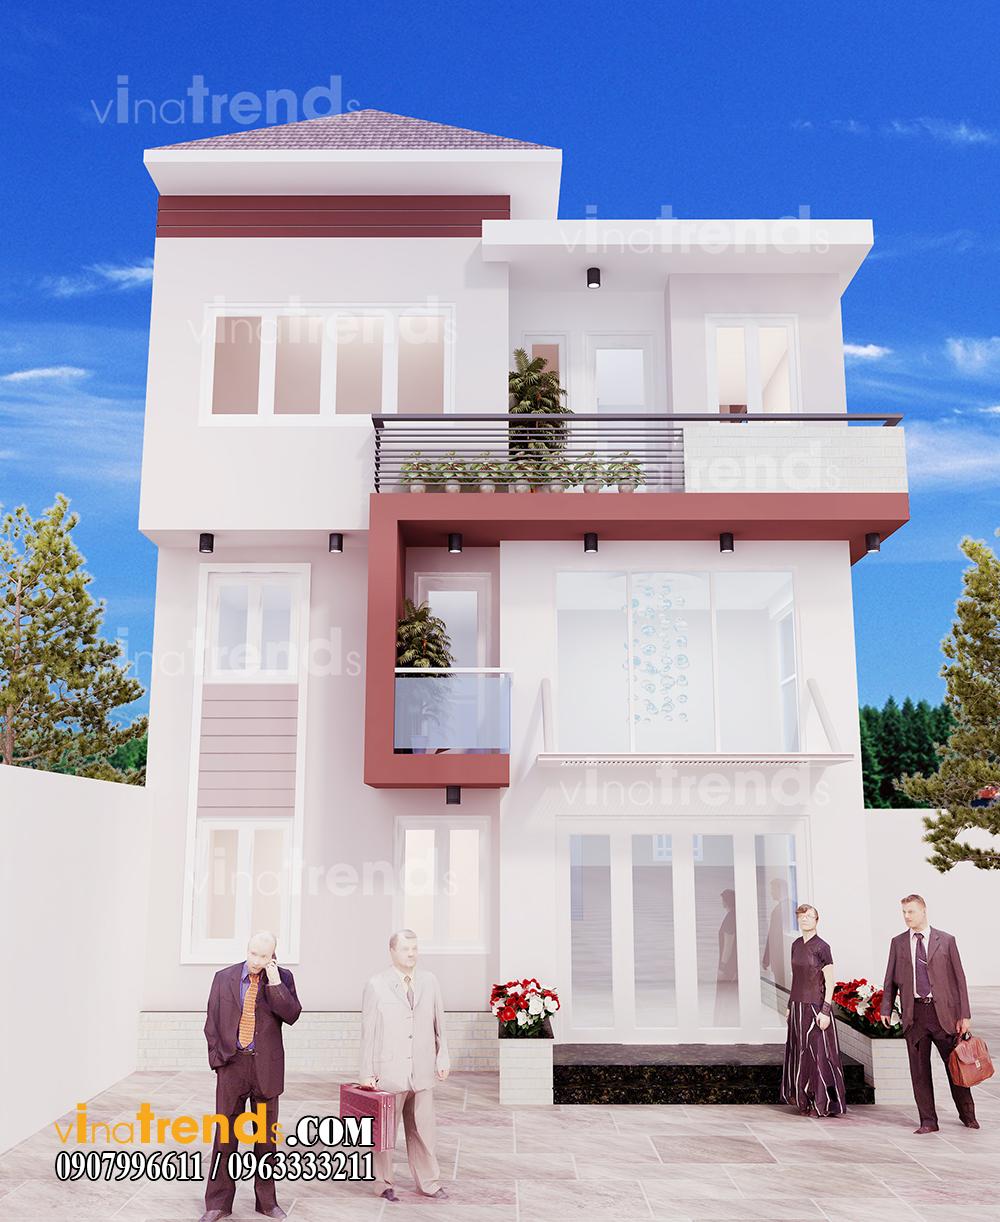 mau biet thu dep mat tien 6x18m nha anh Dat vinatrends 1 12 bản thiết kế mẫu biệt thự hiện đại 2 3 4 tầng tặng độc giả thiết kế thi công năm 2017